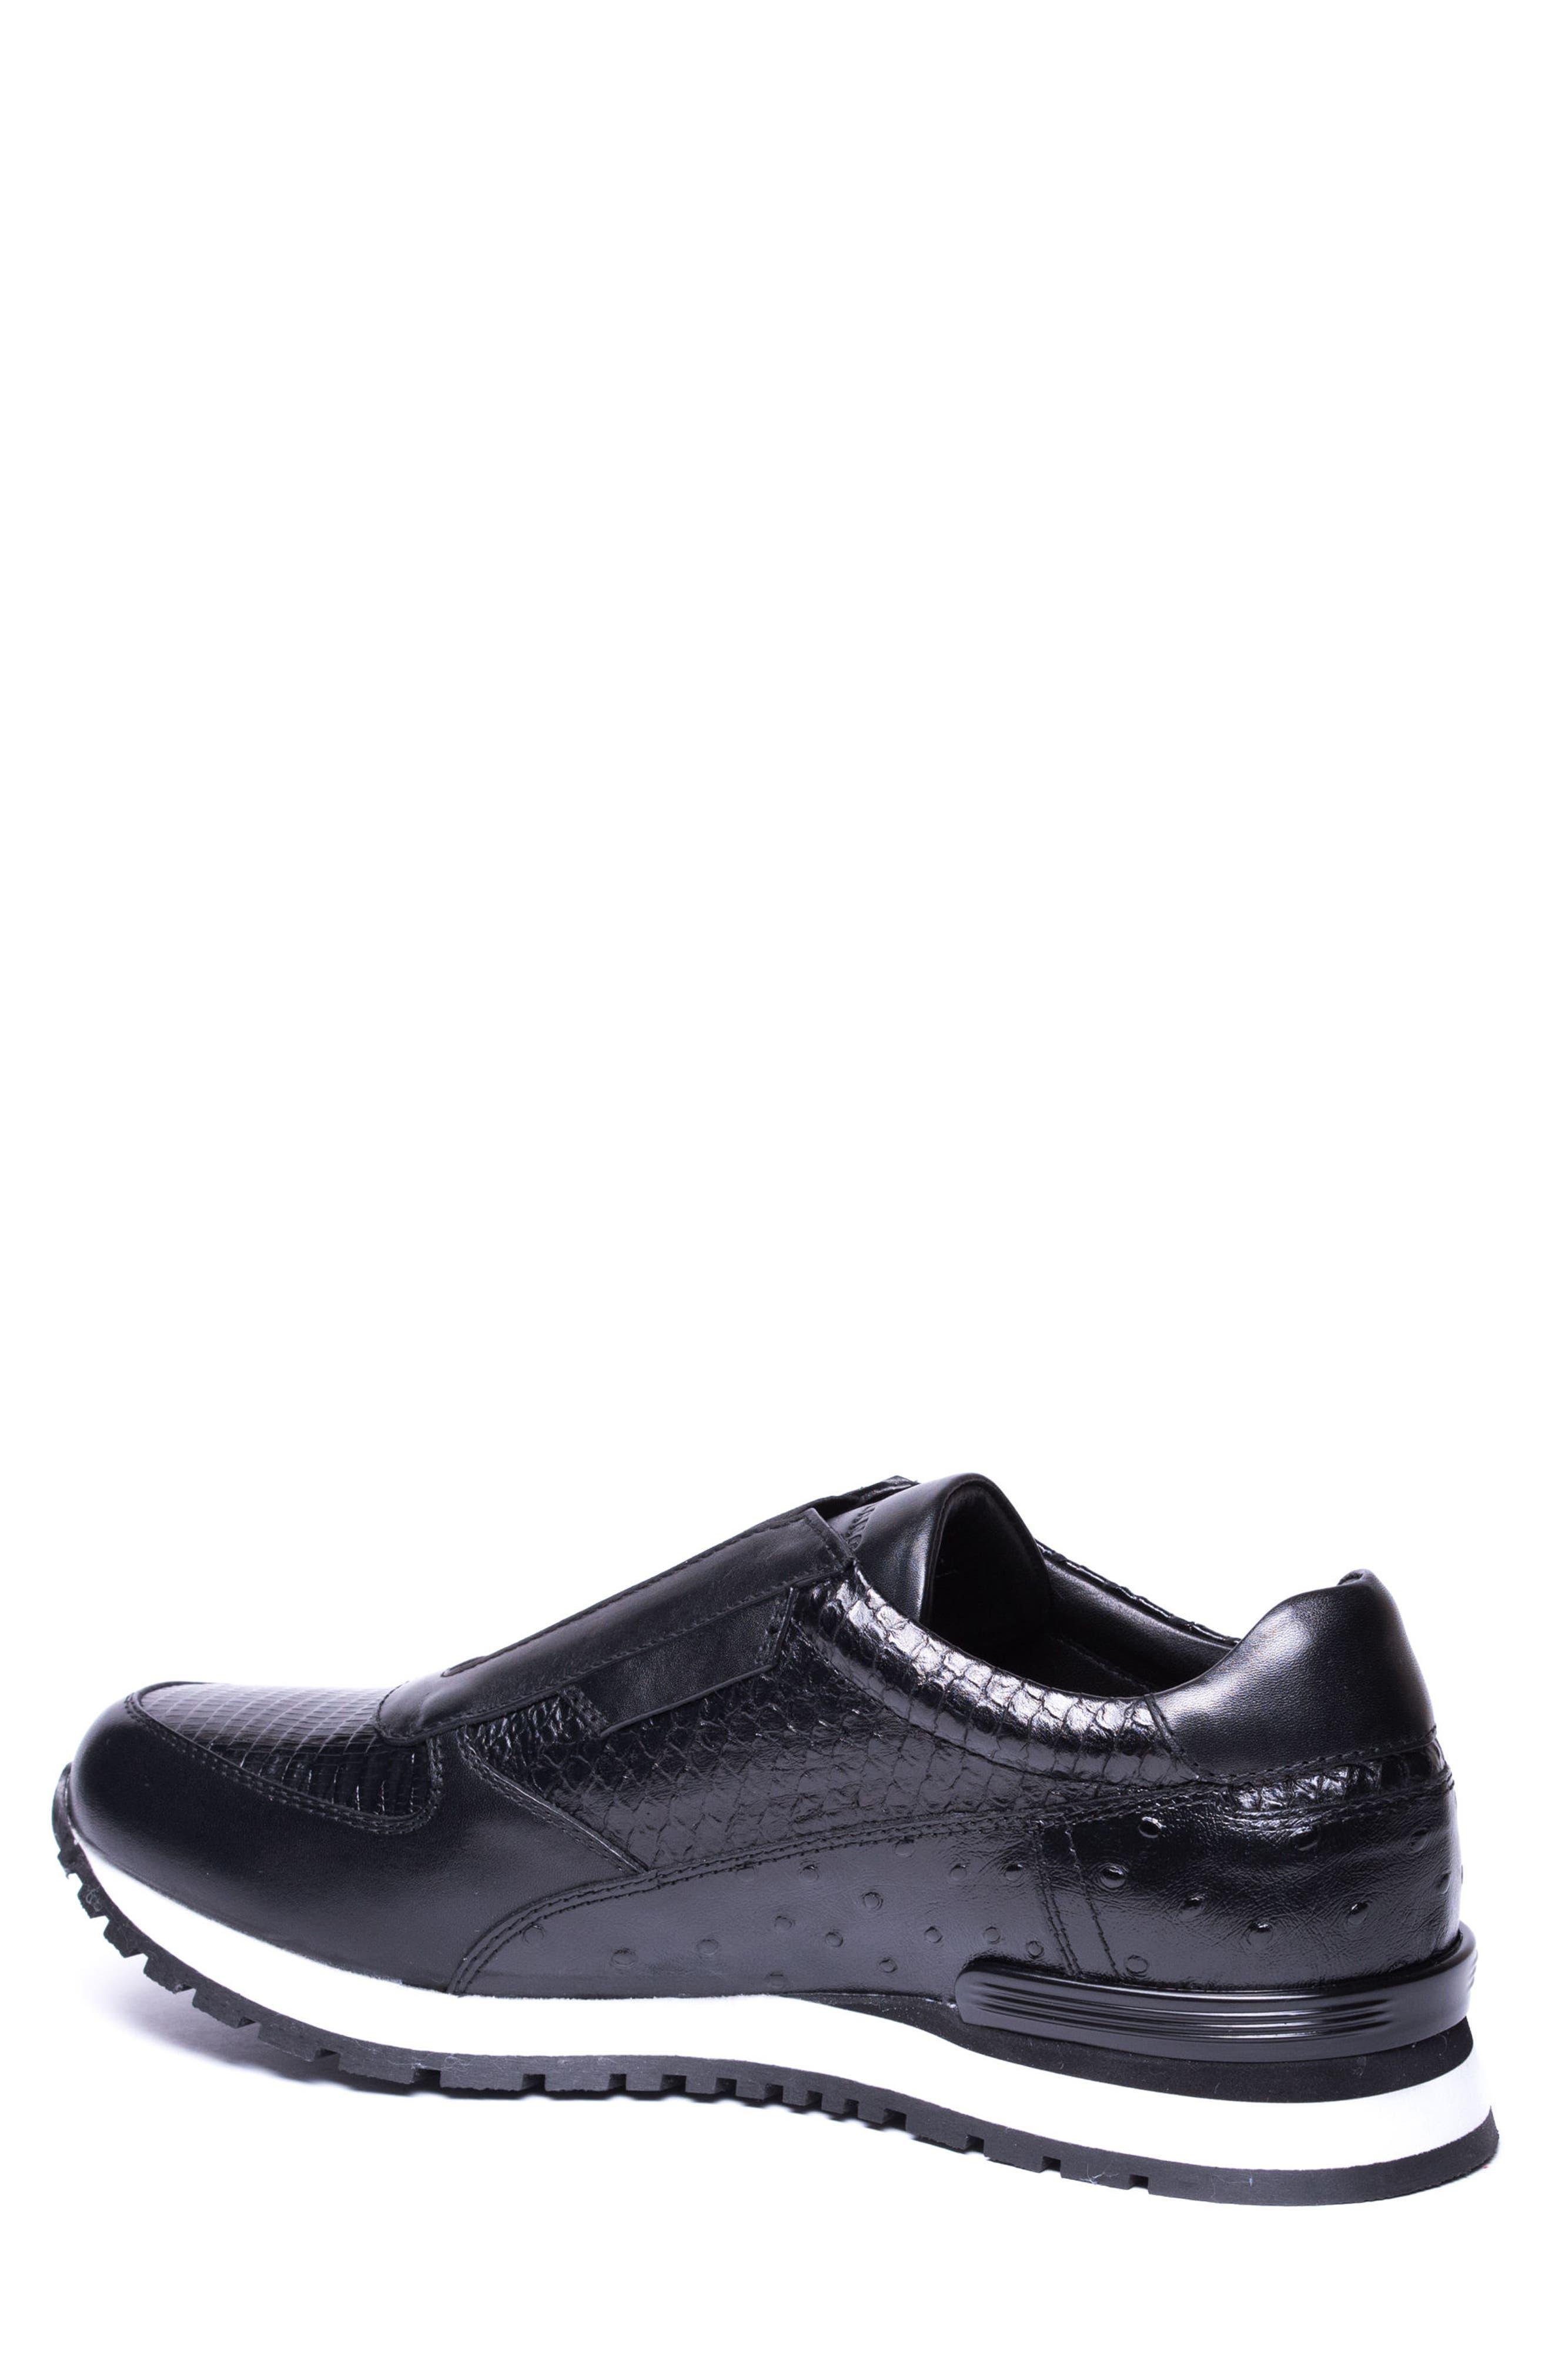 Barrett Embossed Slip-On Sneaker,                             Alternate thumbnail 2, color,                             Black Leather